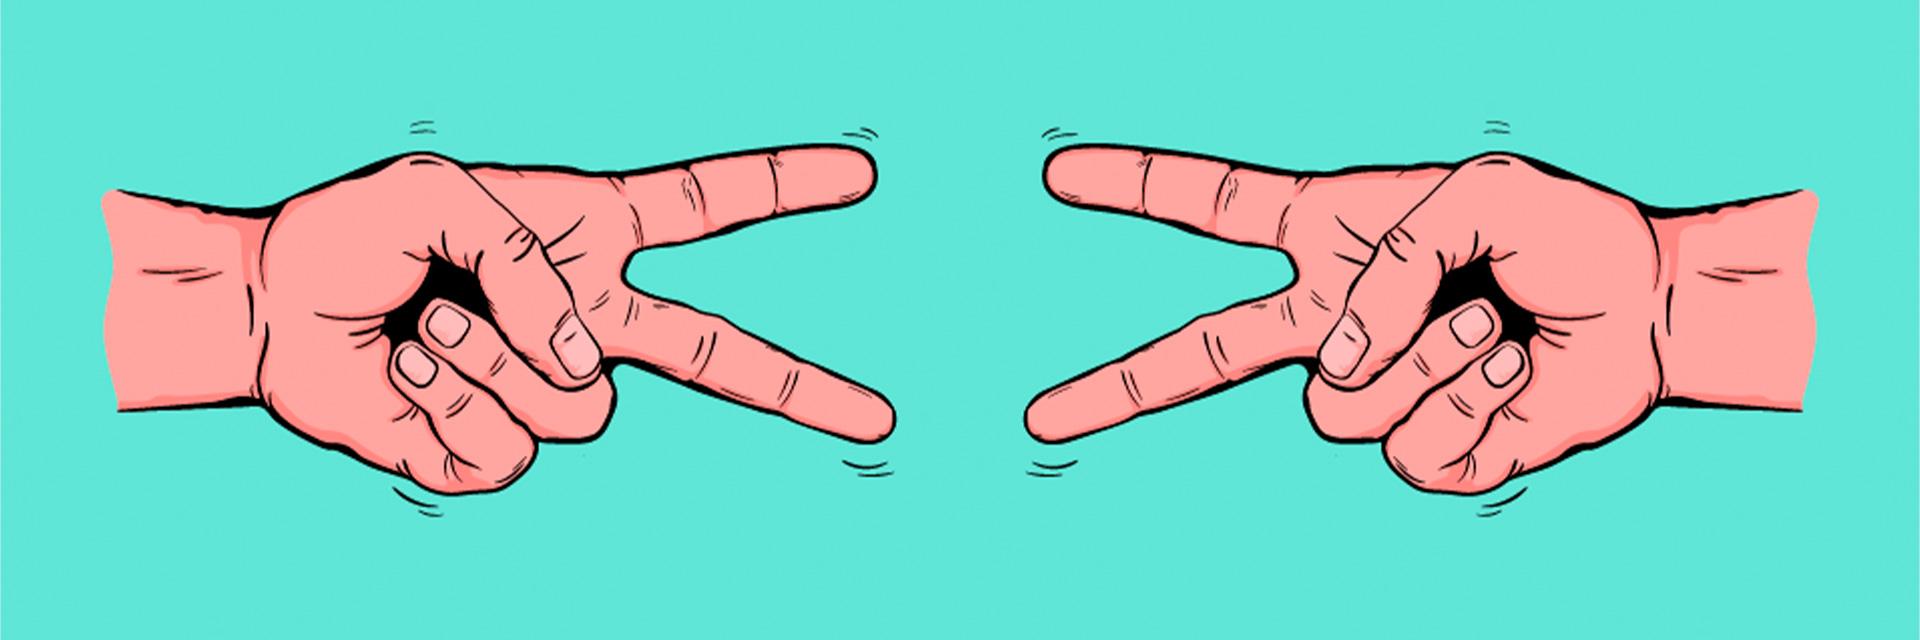 В америке была разработана технология с помощью которой можно заряжать смартфон за счет потных пальцев